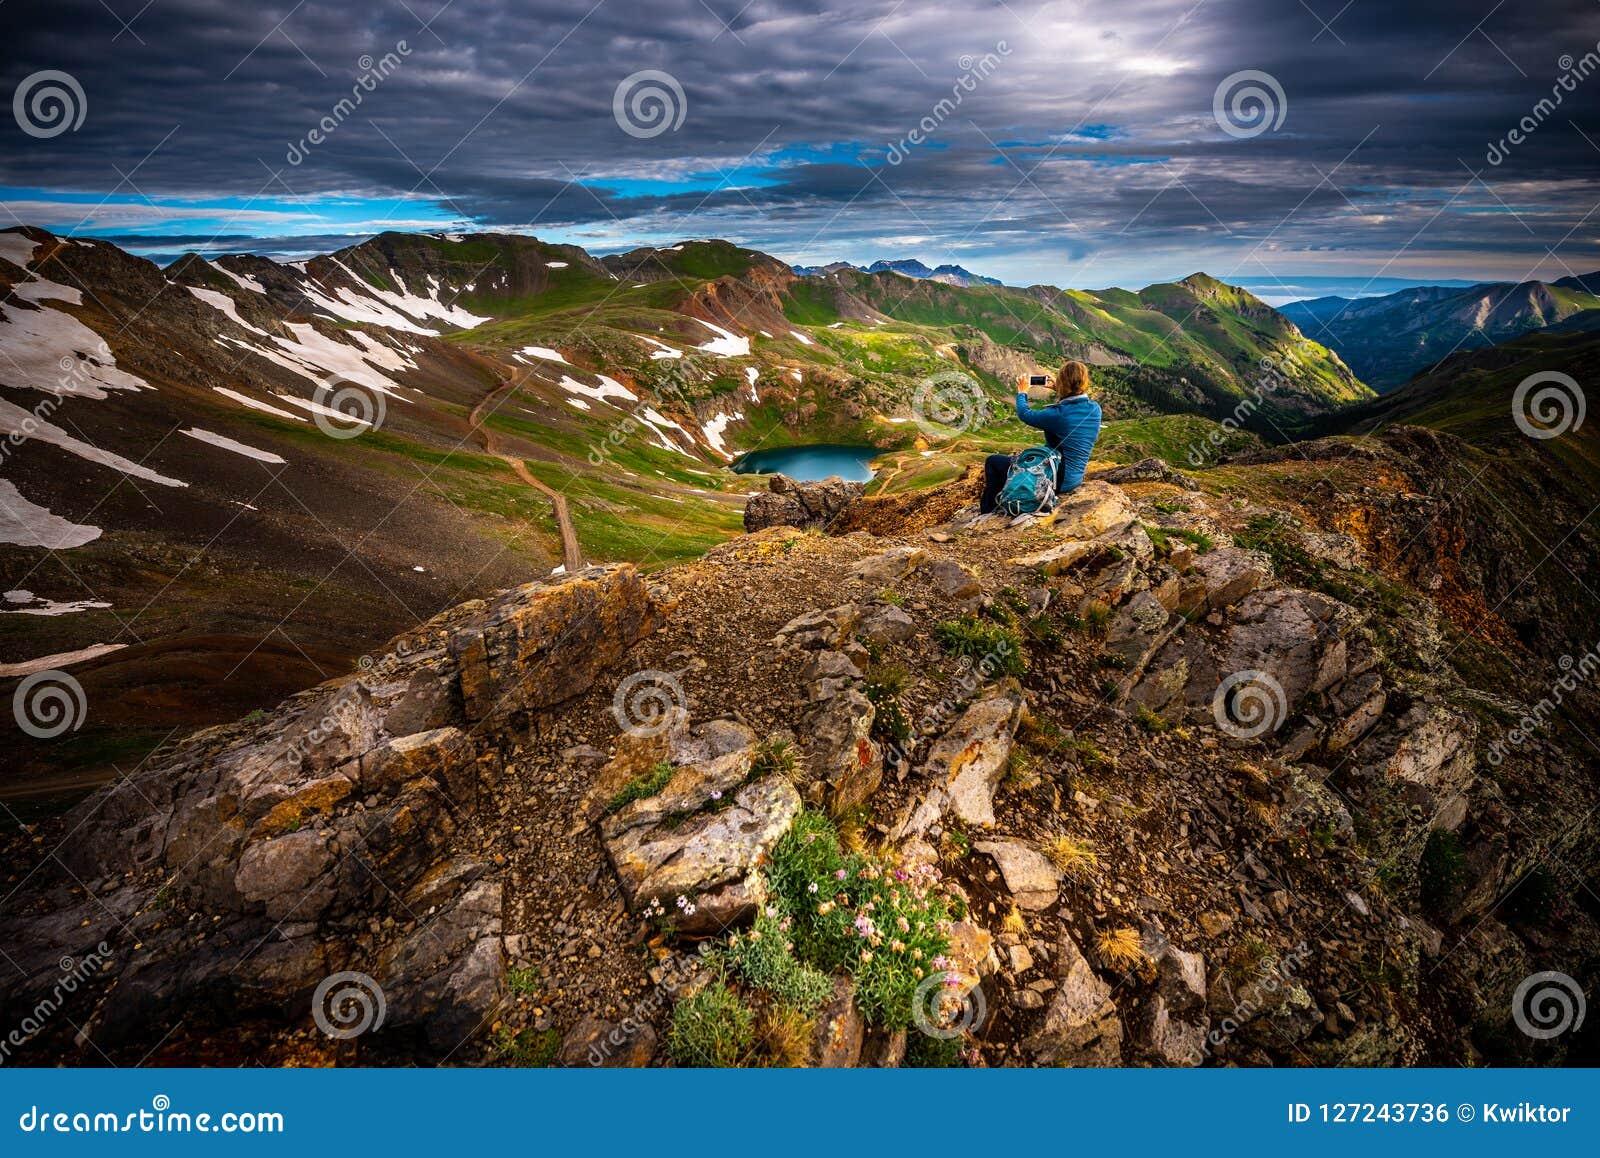 El turista admira la visión desde el paso de California hacia el lago Como y